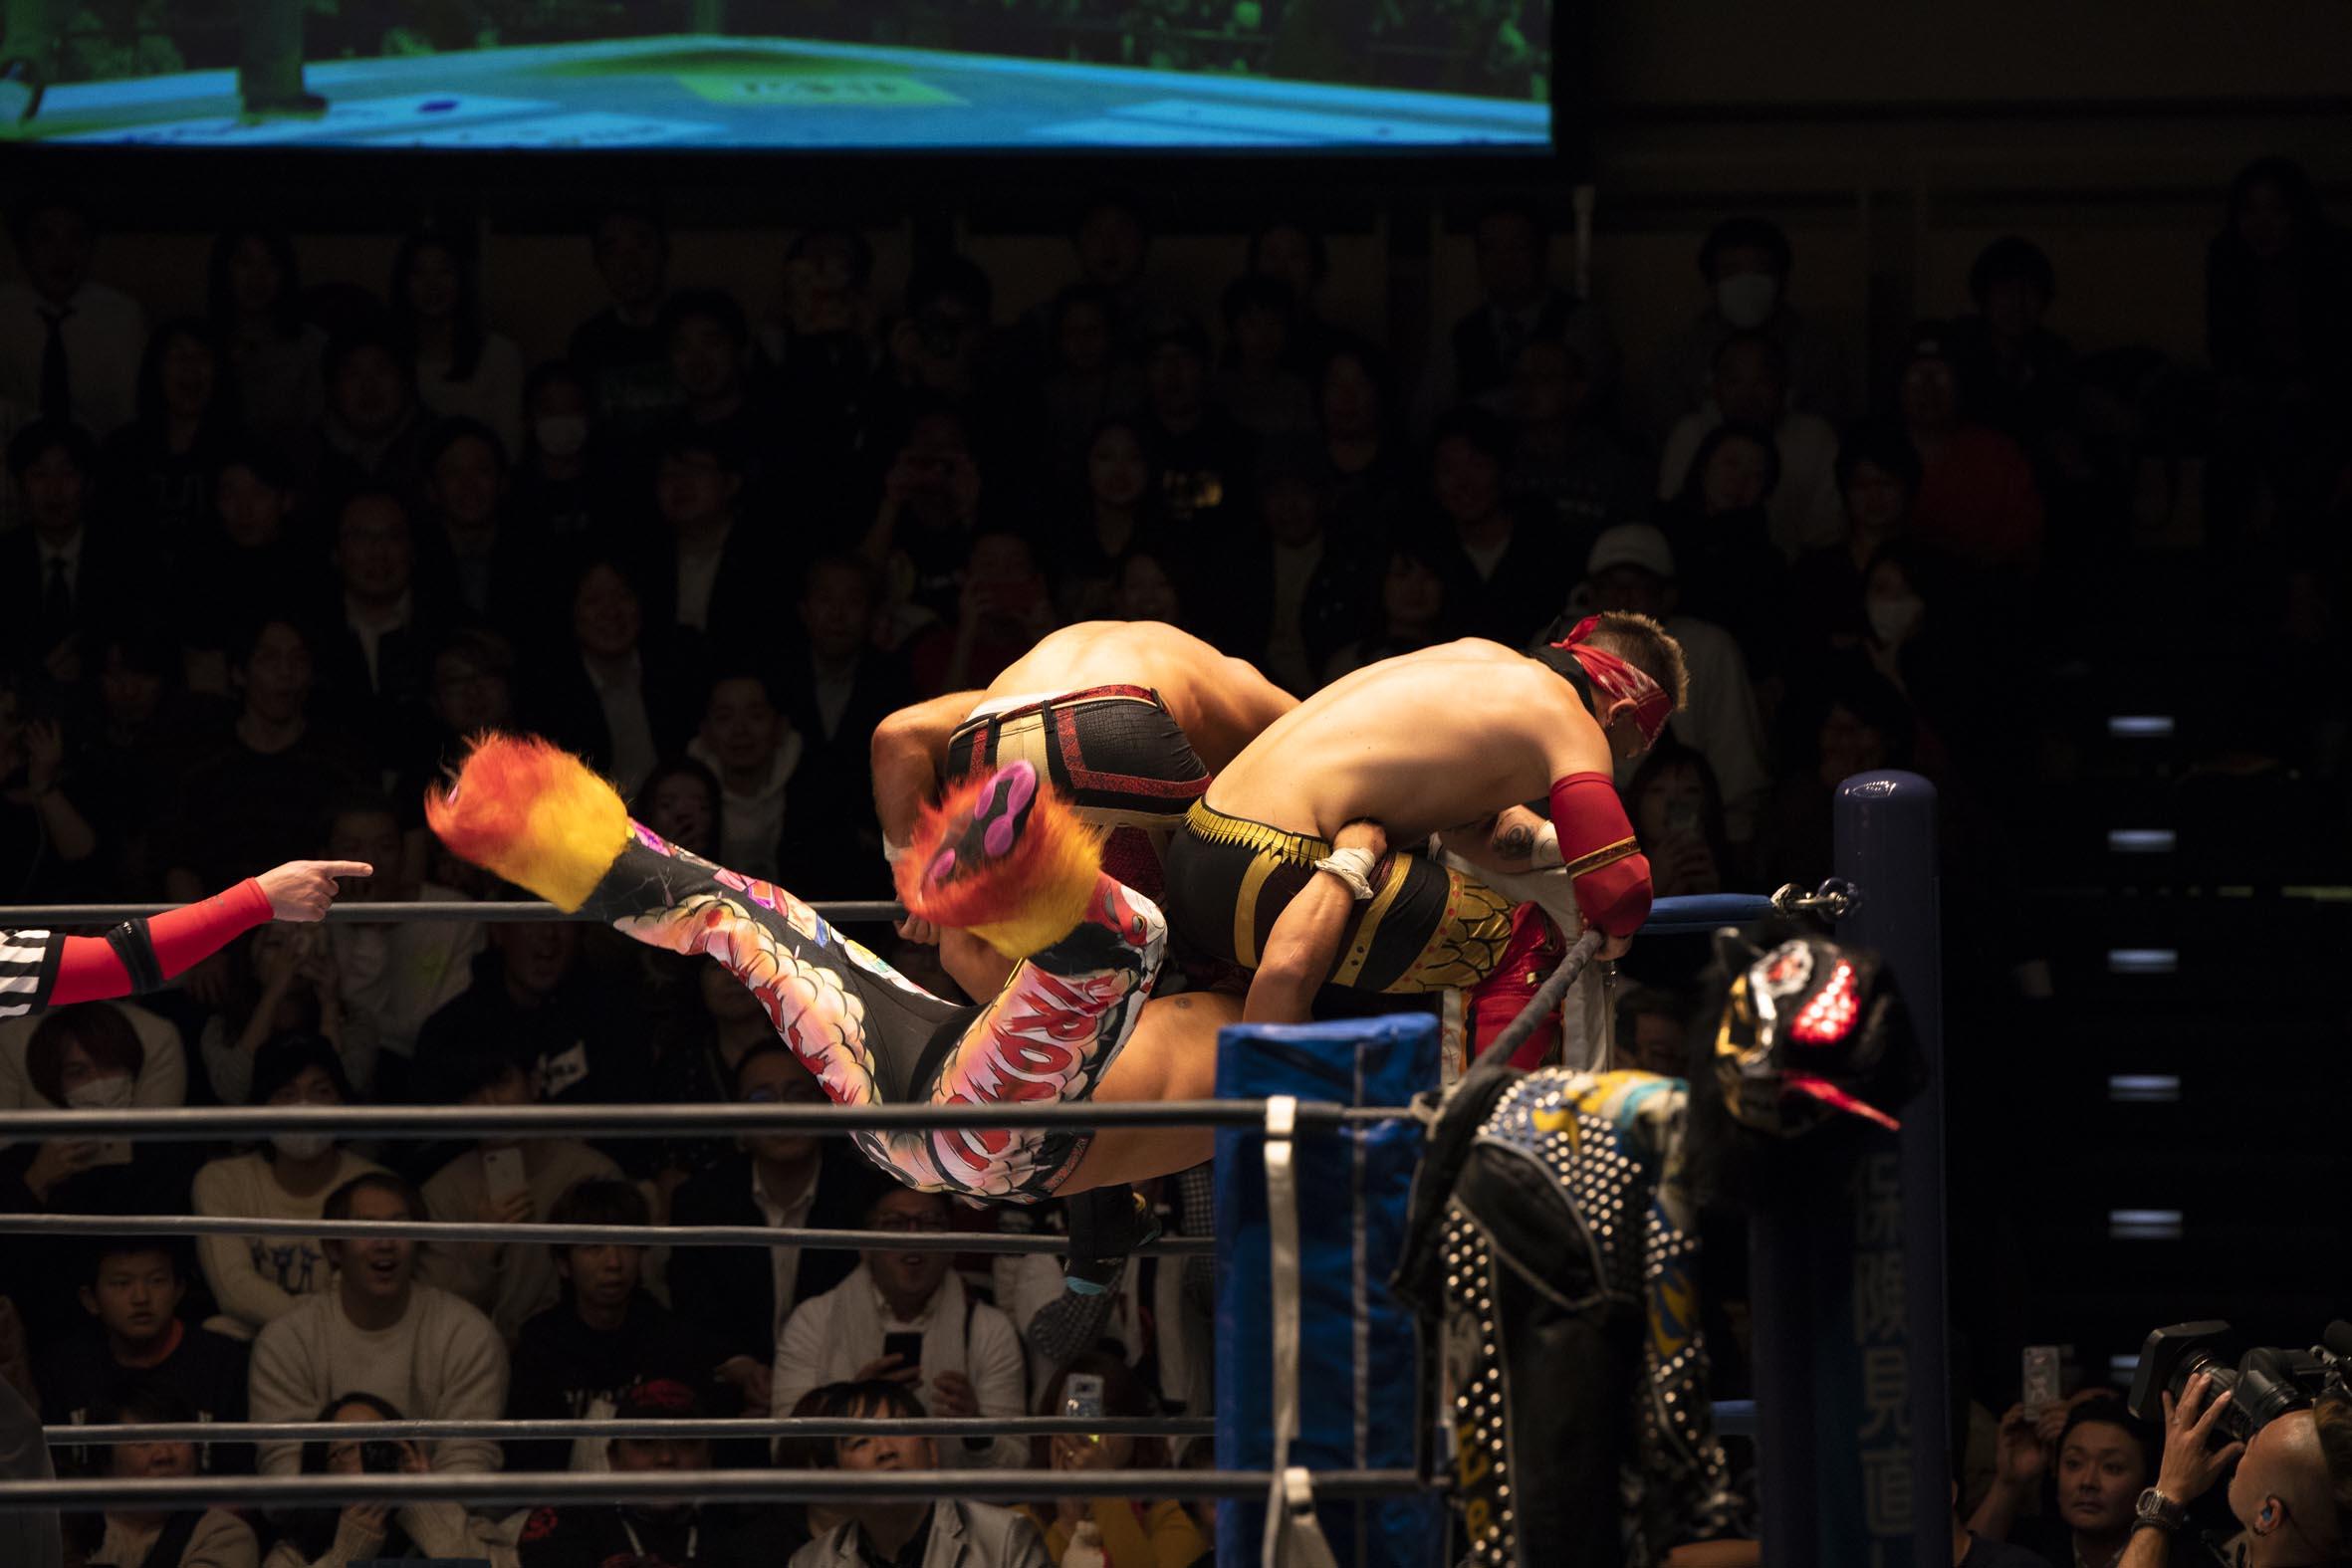 高橋ヒロム選手の試合風景